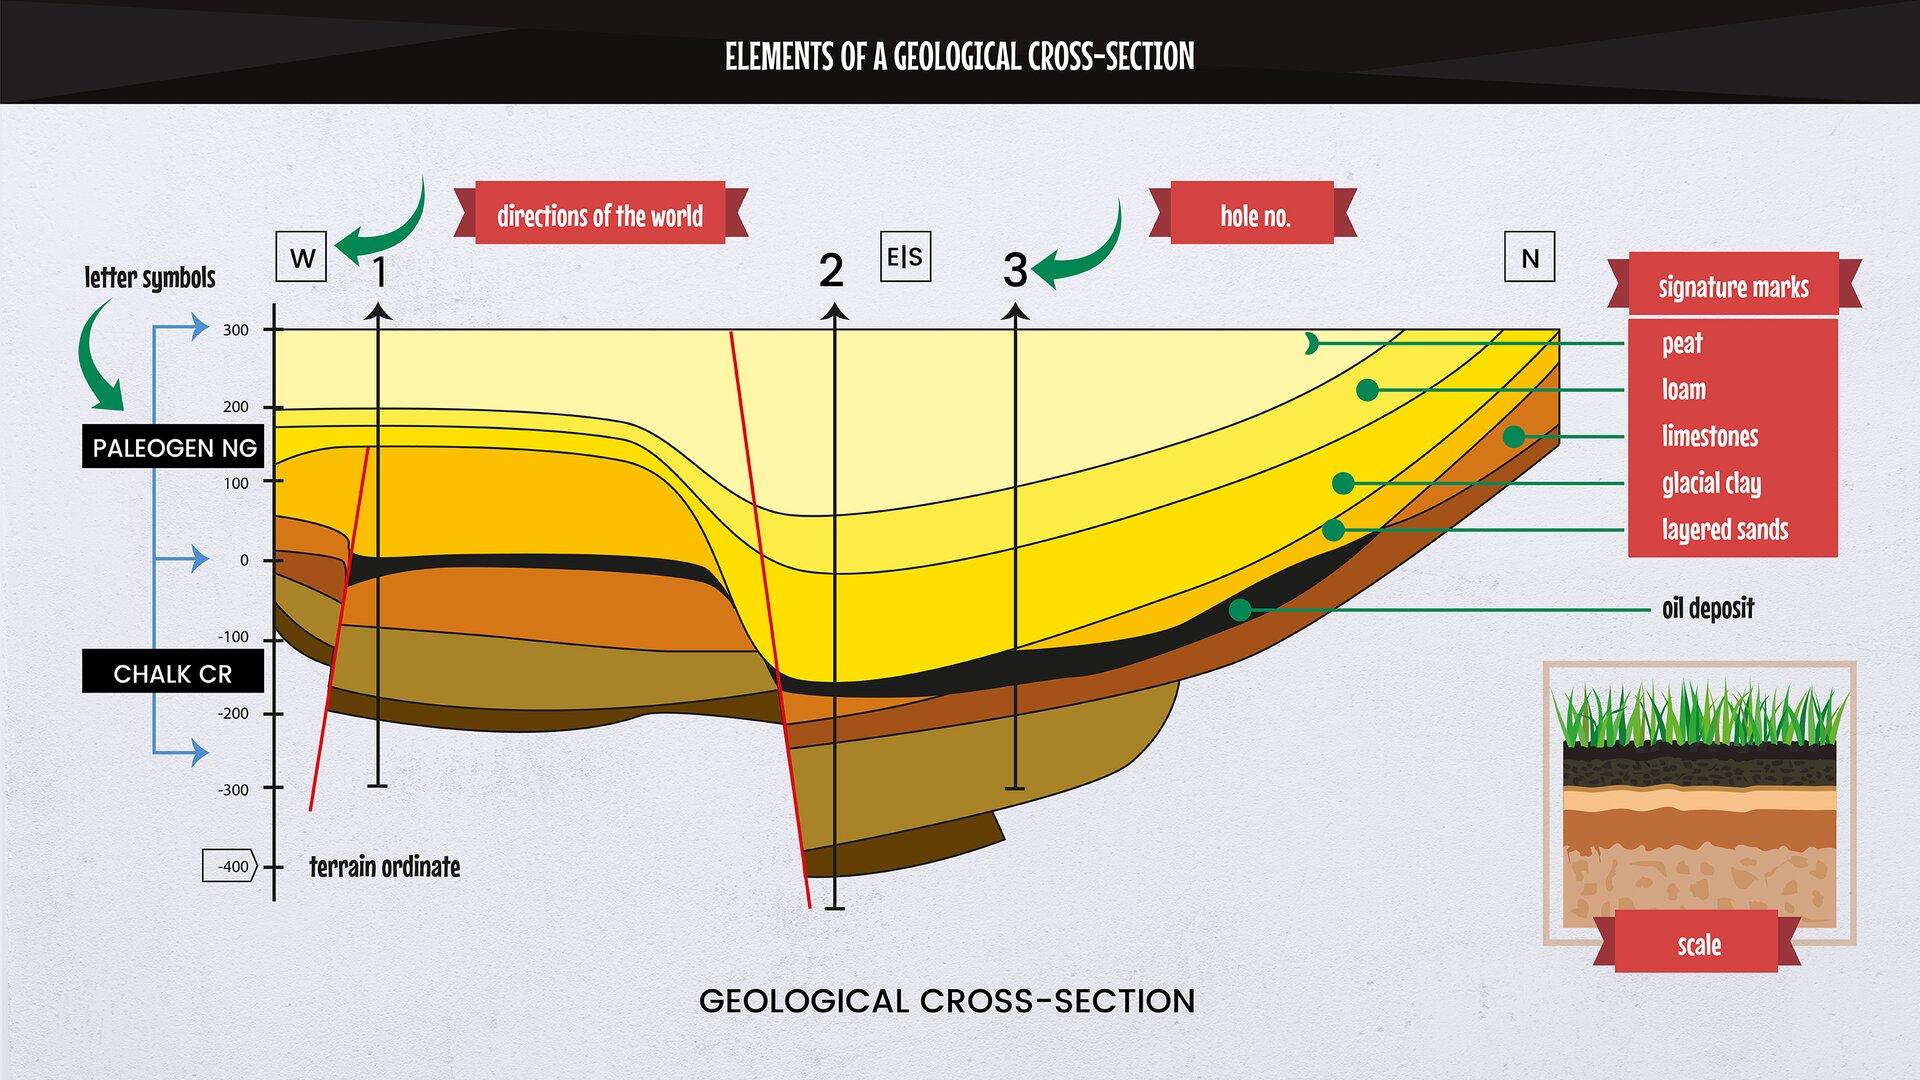 The colorful image presents acomputer-generated geological cross-section. Kolorowa grafika przedstawiająca komputerowo przygotowany przekrój geologiczny.